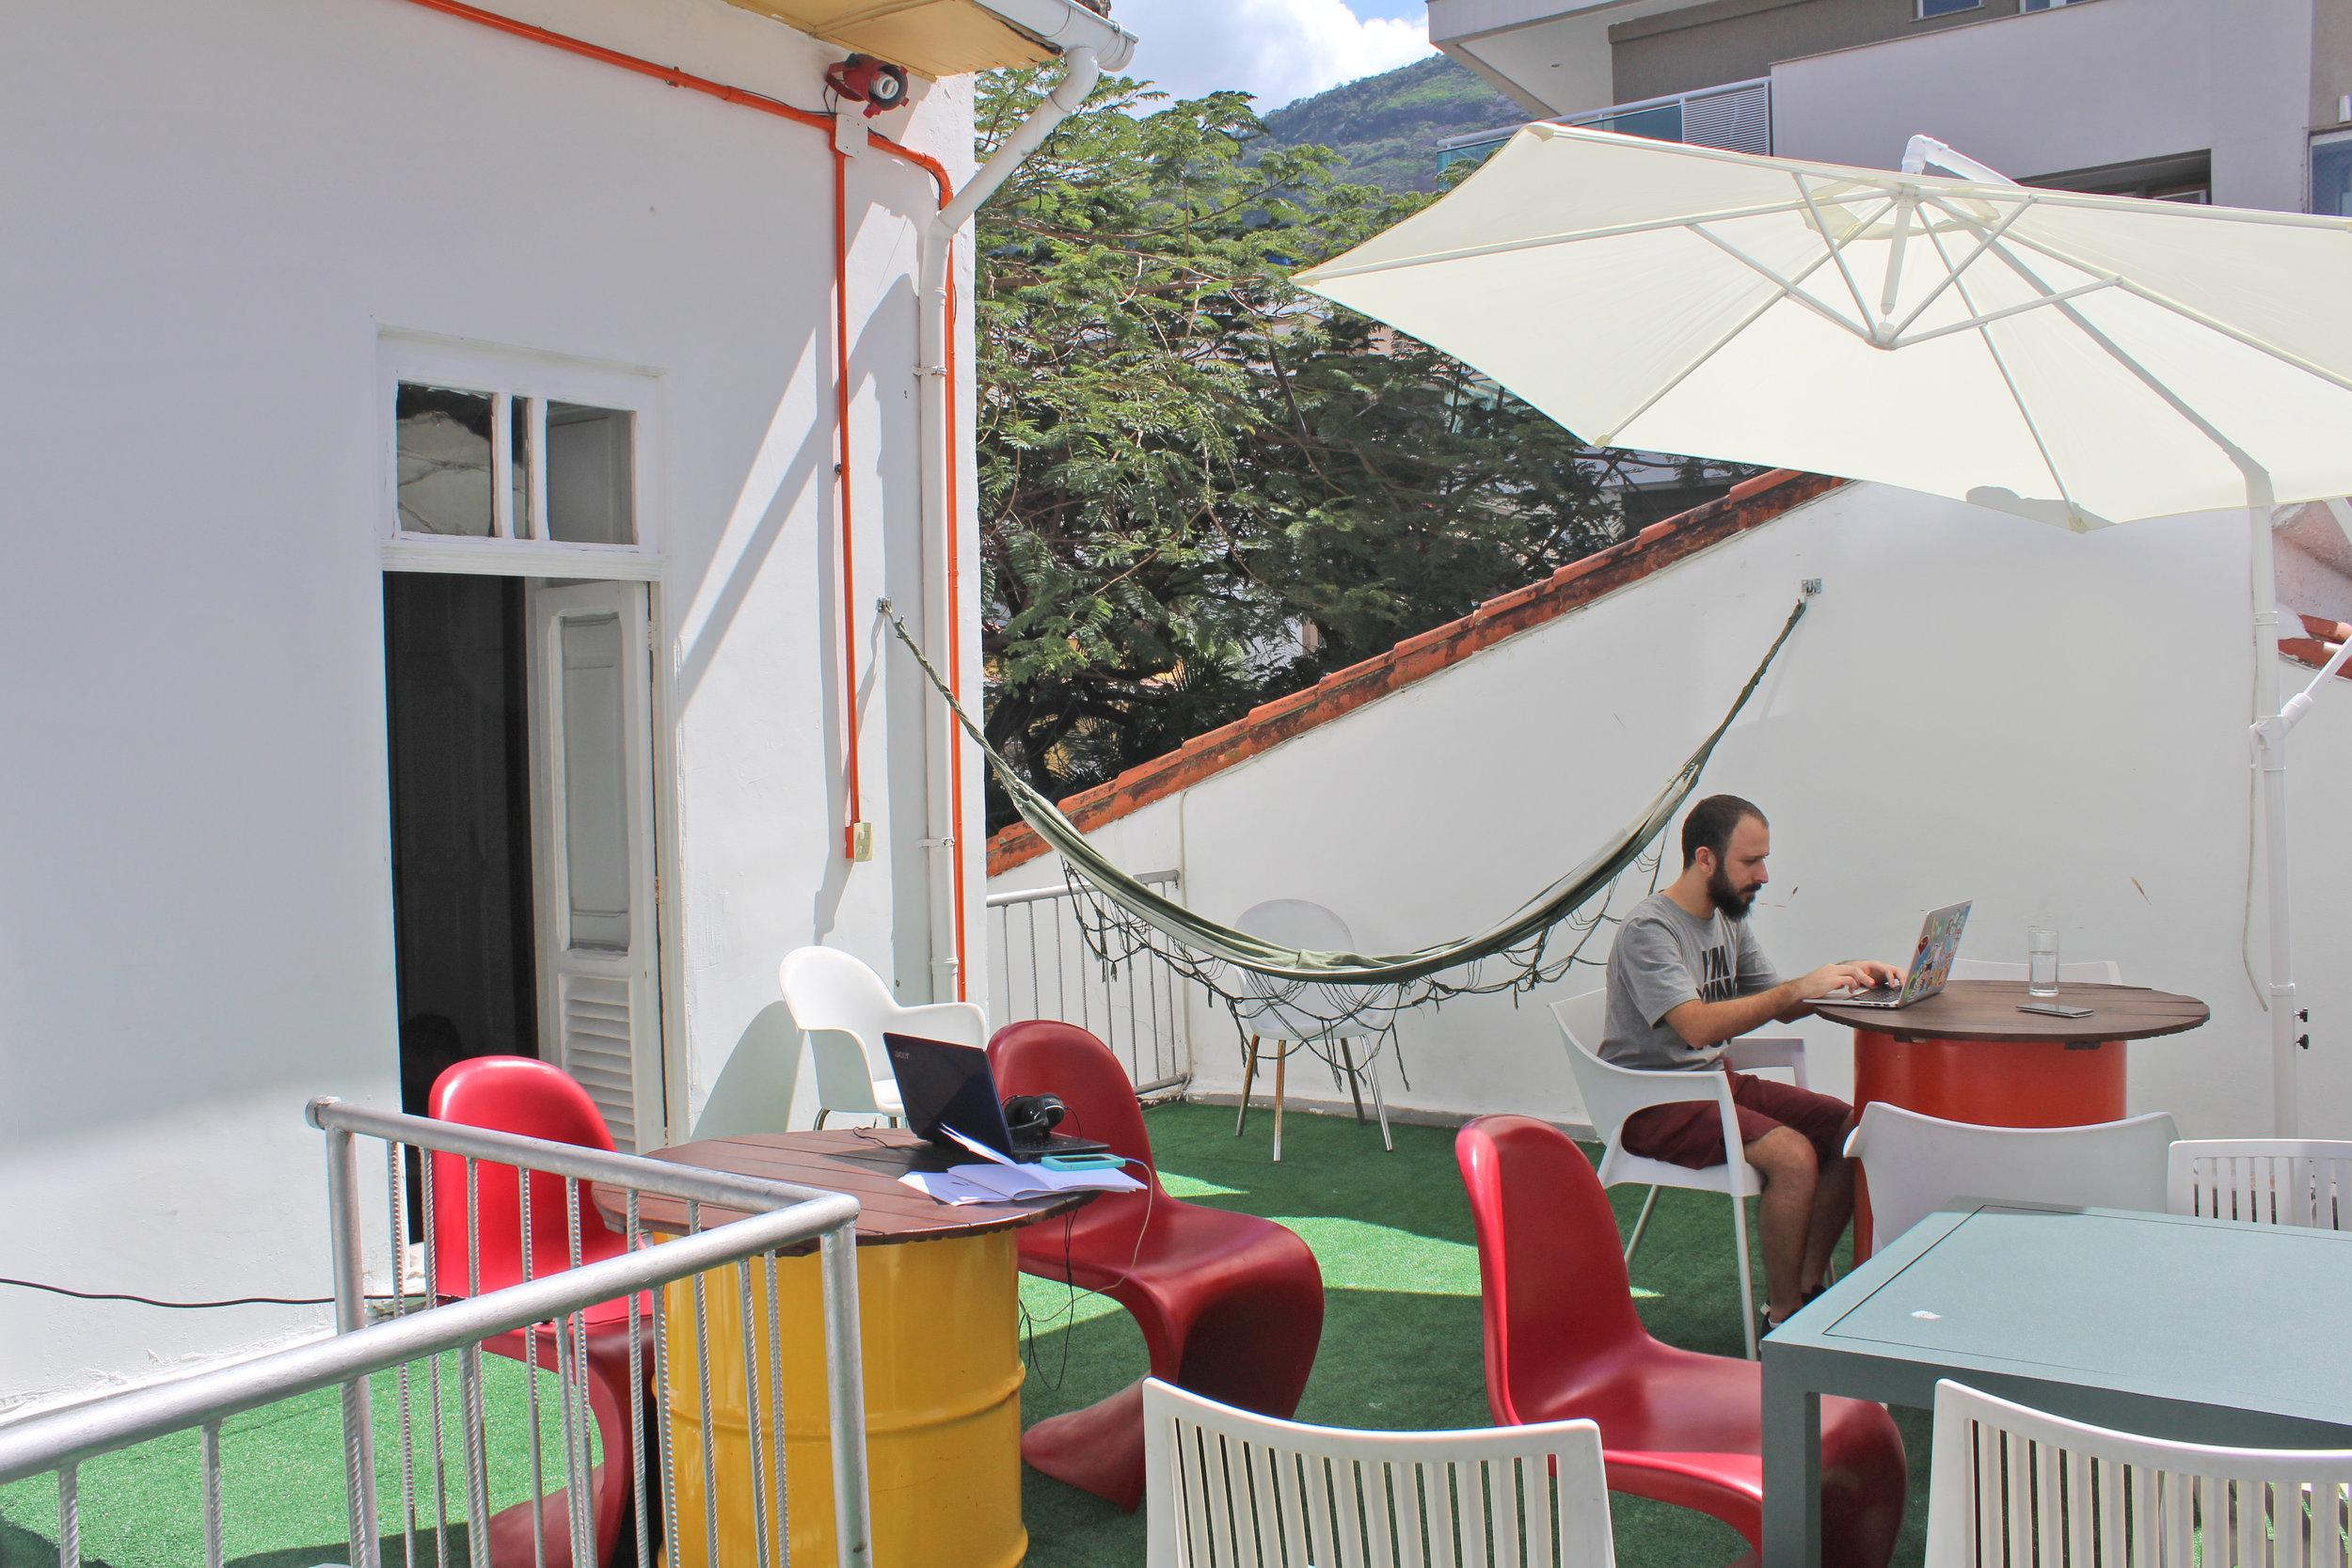 Observatório - Trabalhar deitado na rede? De vista para o cristo? Sim, no observatório isso é possível. Equipado com mesas, cadeiras, rede e iluminação aconchegante para trabalhar de noite.